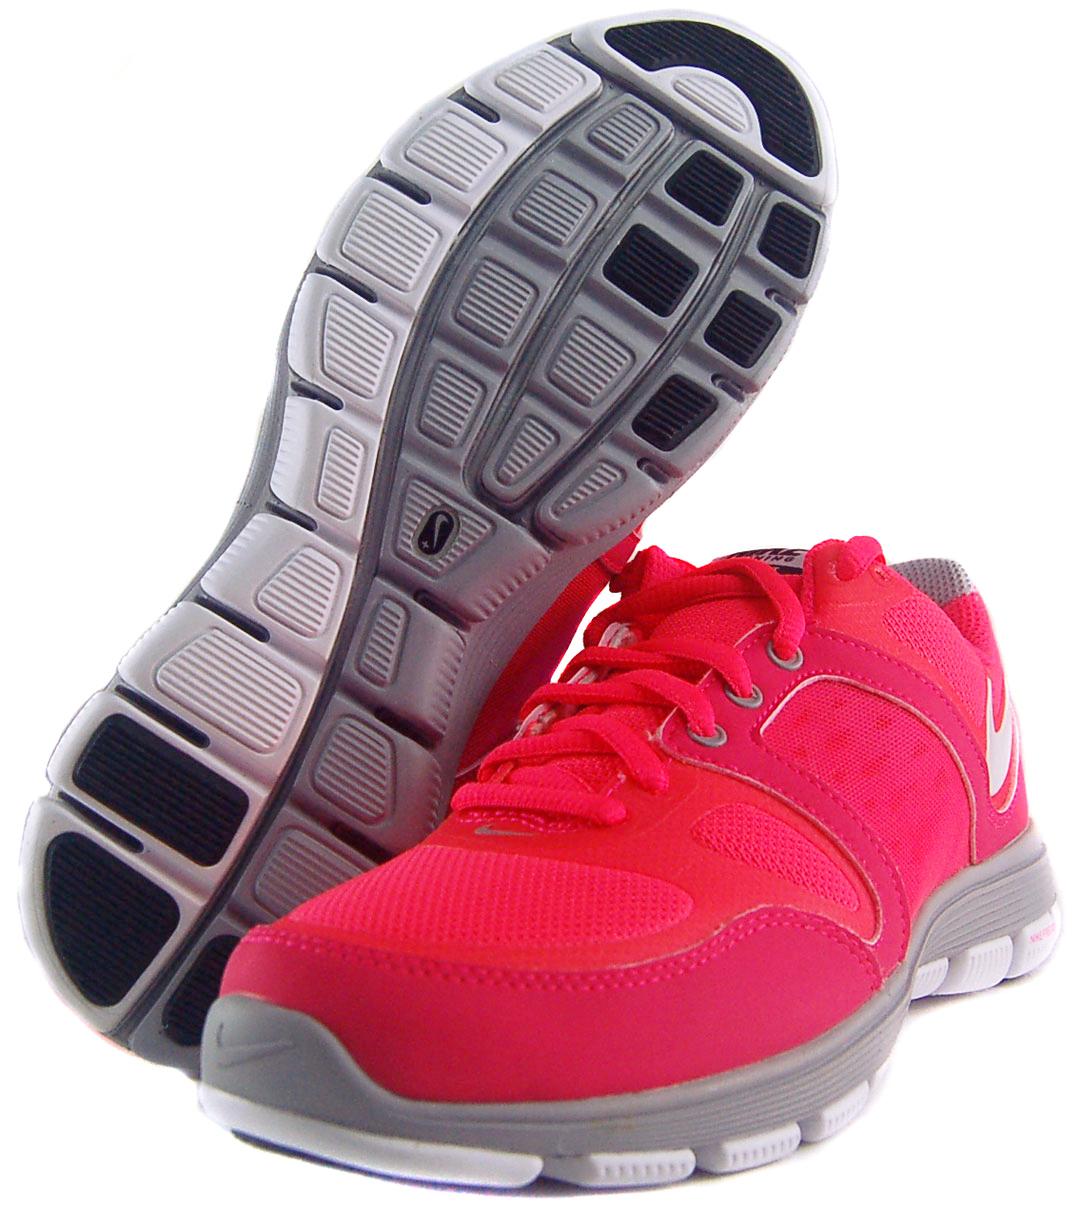 Nike Free Trainer 7.0 Prix Philippines authentique à vendre Livraison gratuite extrêmement Footlocker rabais mXB3chKfq